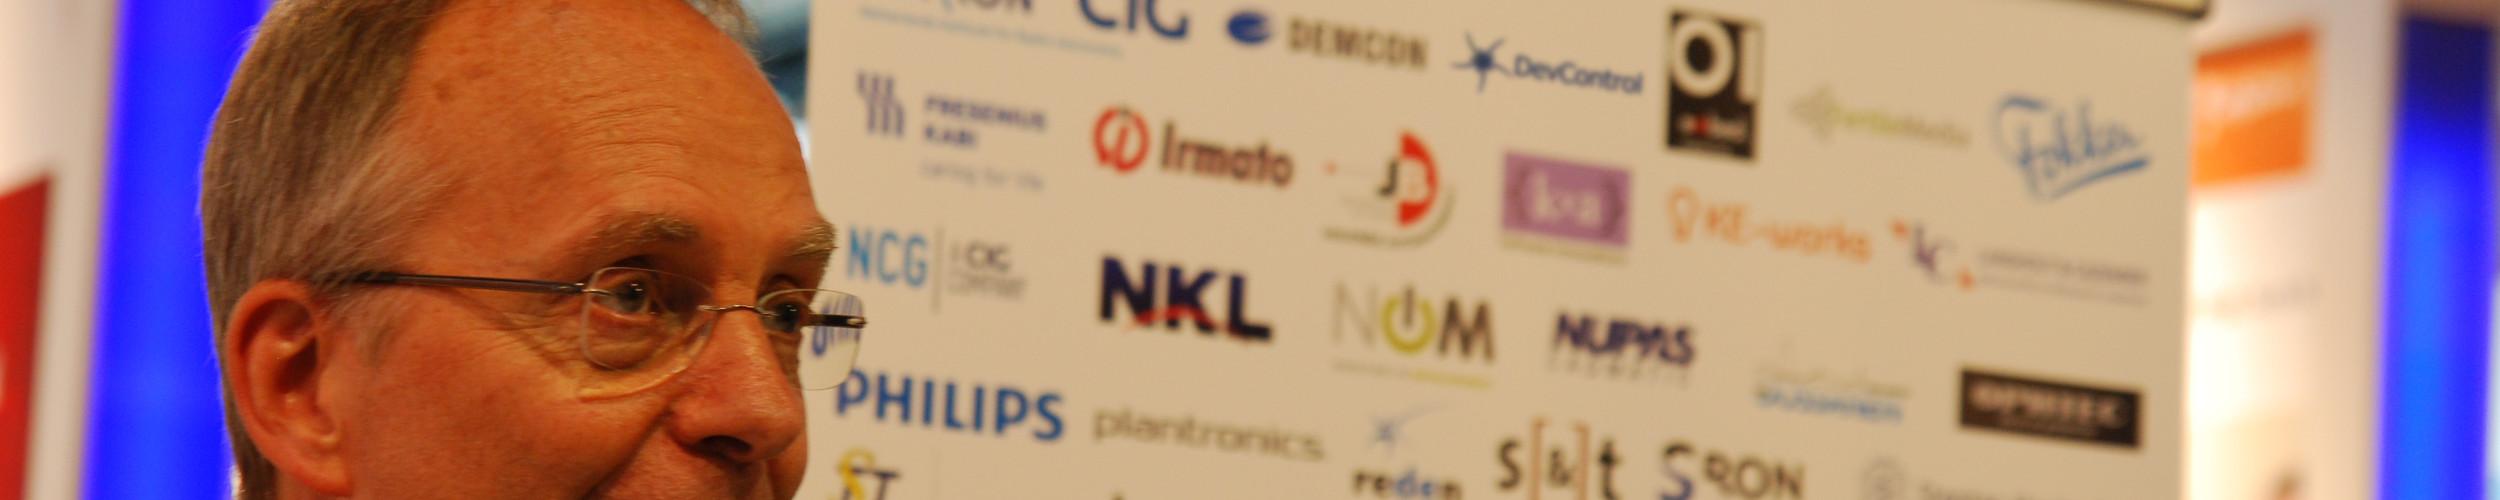 ROSF, Region of Smart Factories, Hannover Messe, minister Kamp, Smart Industry, NOM